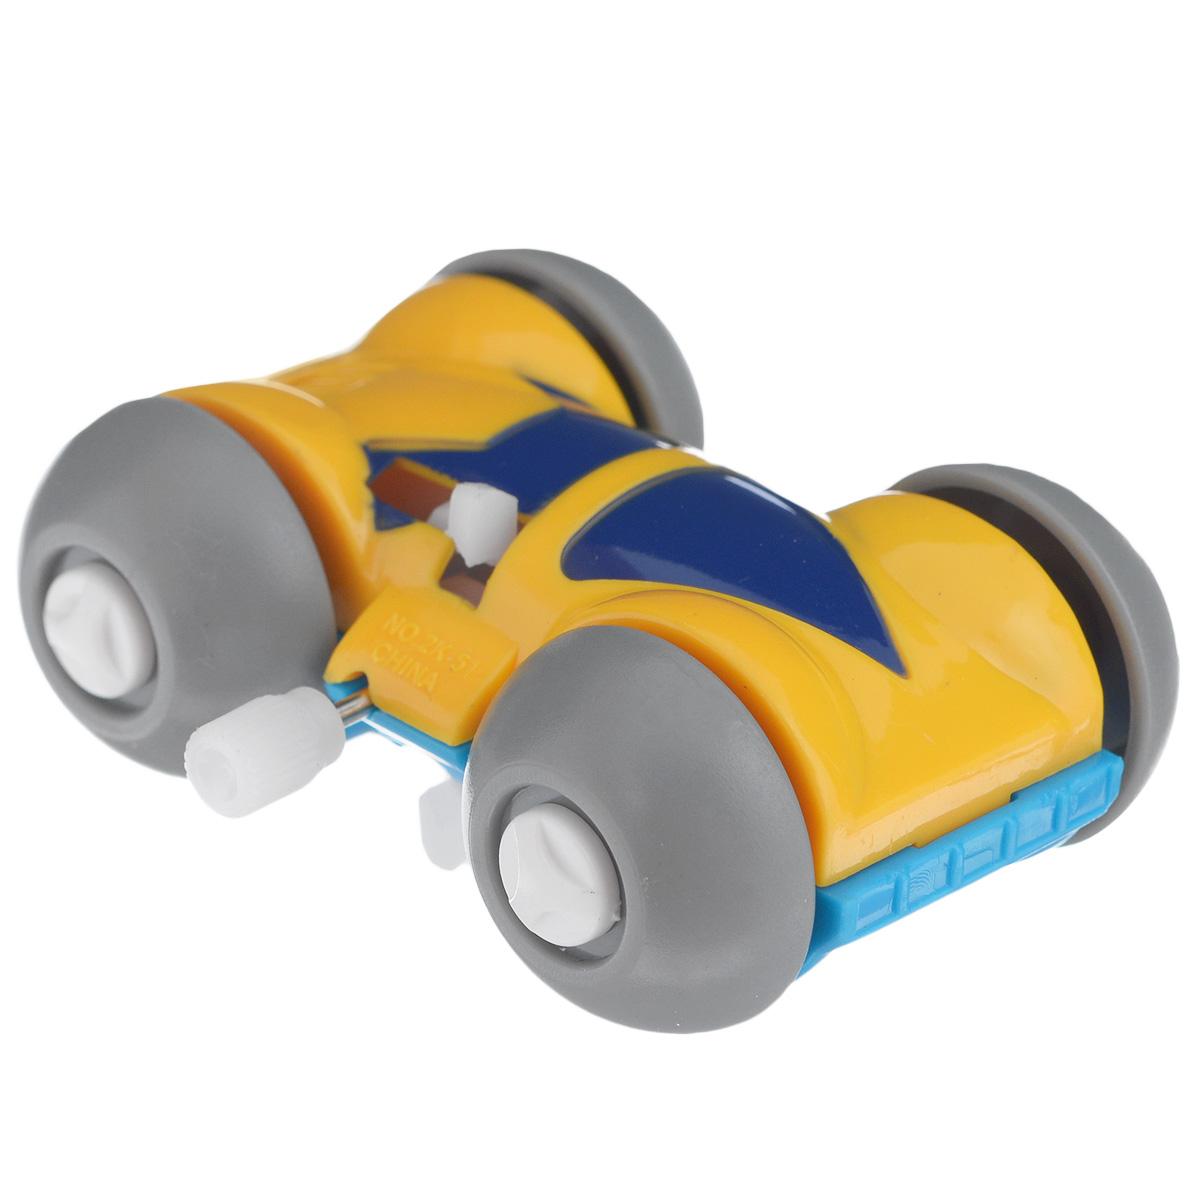 Игрушка заводная Машинка-перевертыш, цвет: голубой, желтый2K-51BD_ голубойИгрушка Hans Машинка-перевертыш привлечет внимание вашего малыша и не позволит ему скучать! Выполненная из безопасного пластика, игрушка представляет собой забавную машинку. Игрушка имеет механический завод. Для запуска, придерживая колеса, поверните заводной ключ по часовой стрелке до упора. Установите игрушку на поверхность и она поедет вперед, так же во время движения машинка переворачивается. Игра с заводными игрушками способствует приятному времяпрепровождению, стимулирует ребенка к активным действиям, научит устанавливать причинно-следственные связи. Мелкие детали и разнофактурные материалы благоприятствуют развитию тактильных ощущений и моторики пальчиков, а яркие цвета и забавные формы стимулируют зрение.